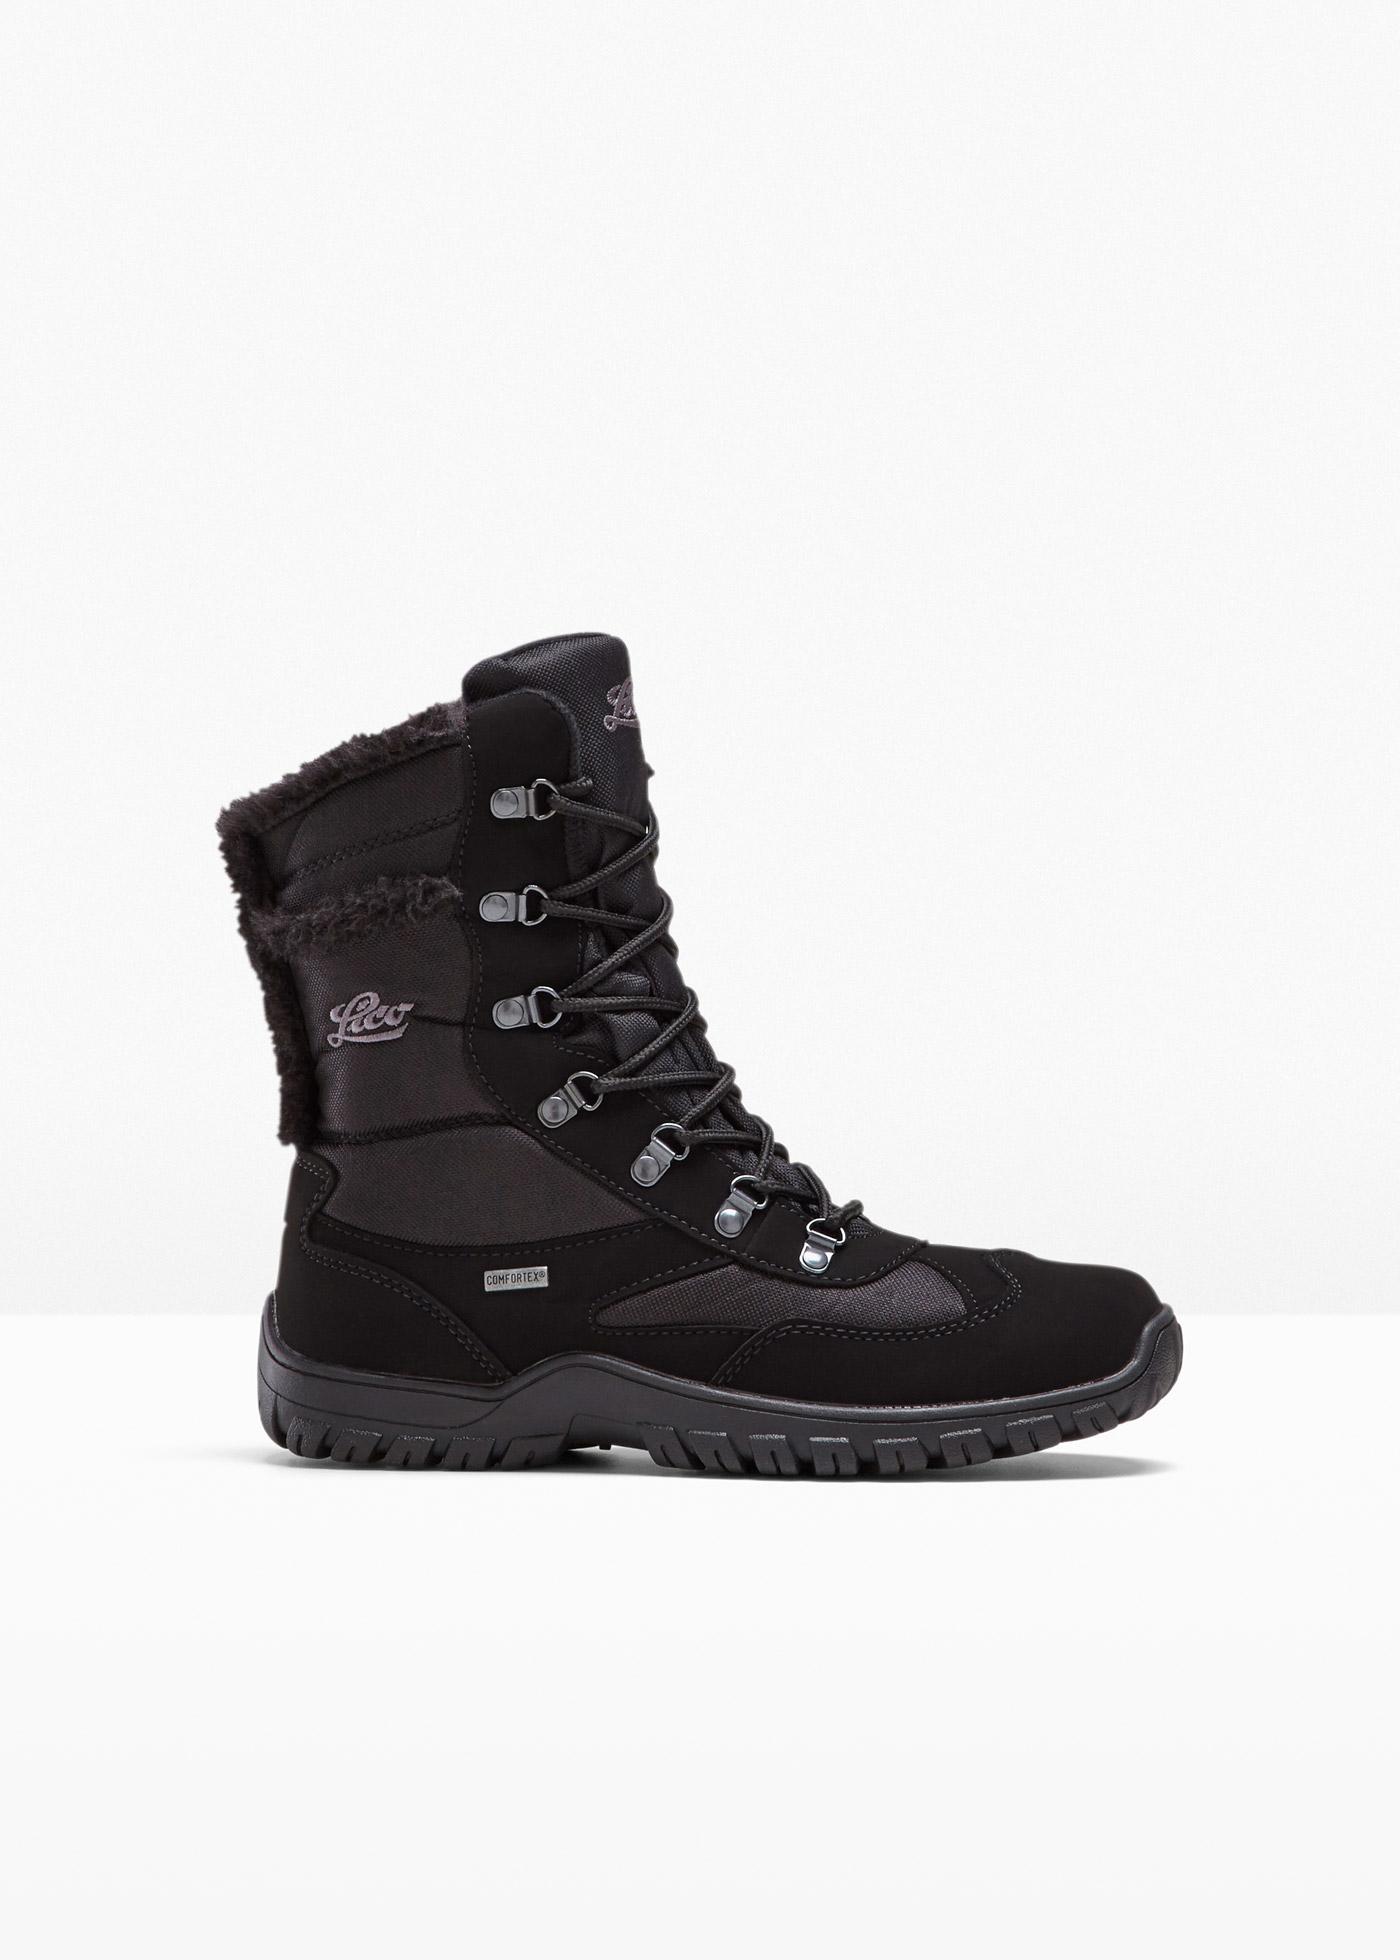 Schnür Stiefel von Lico in schwarz für Damen von bonprix